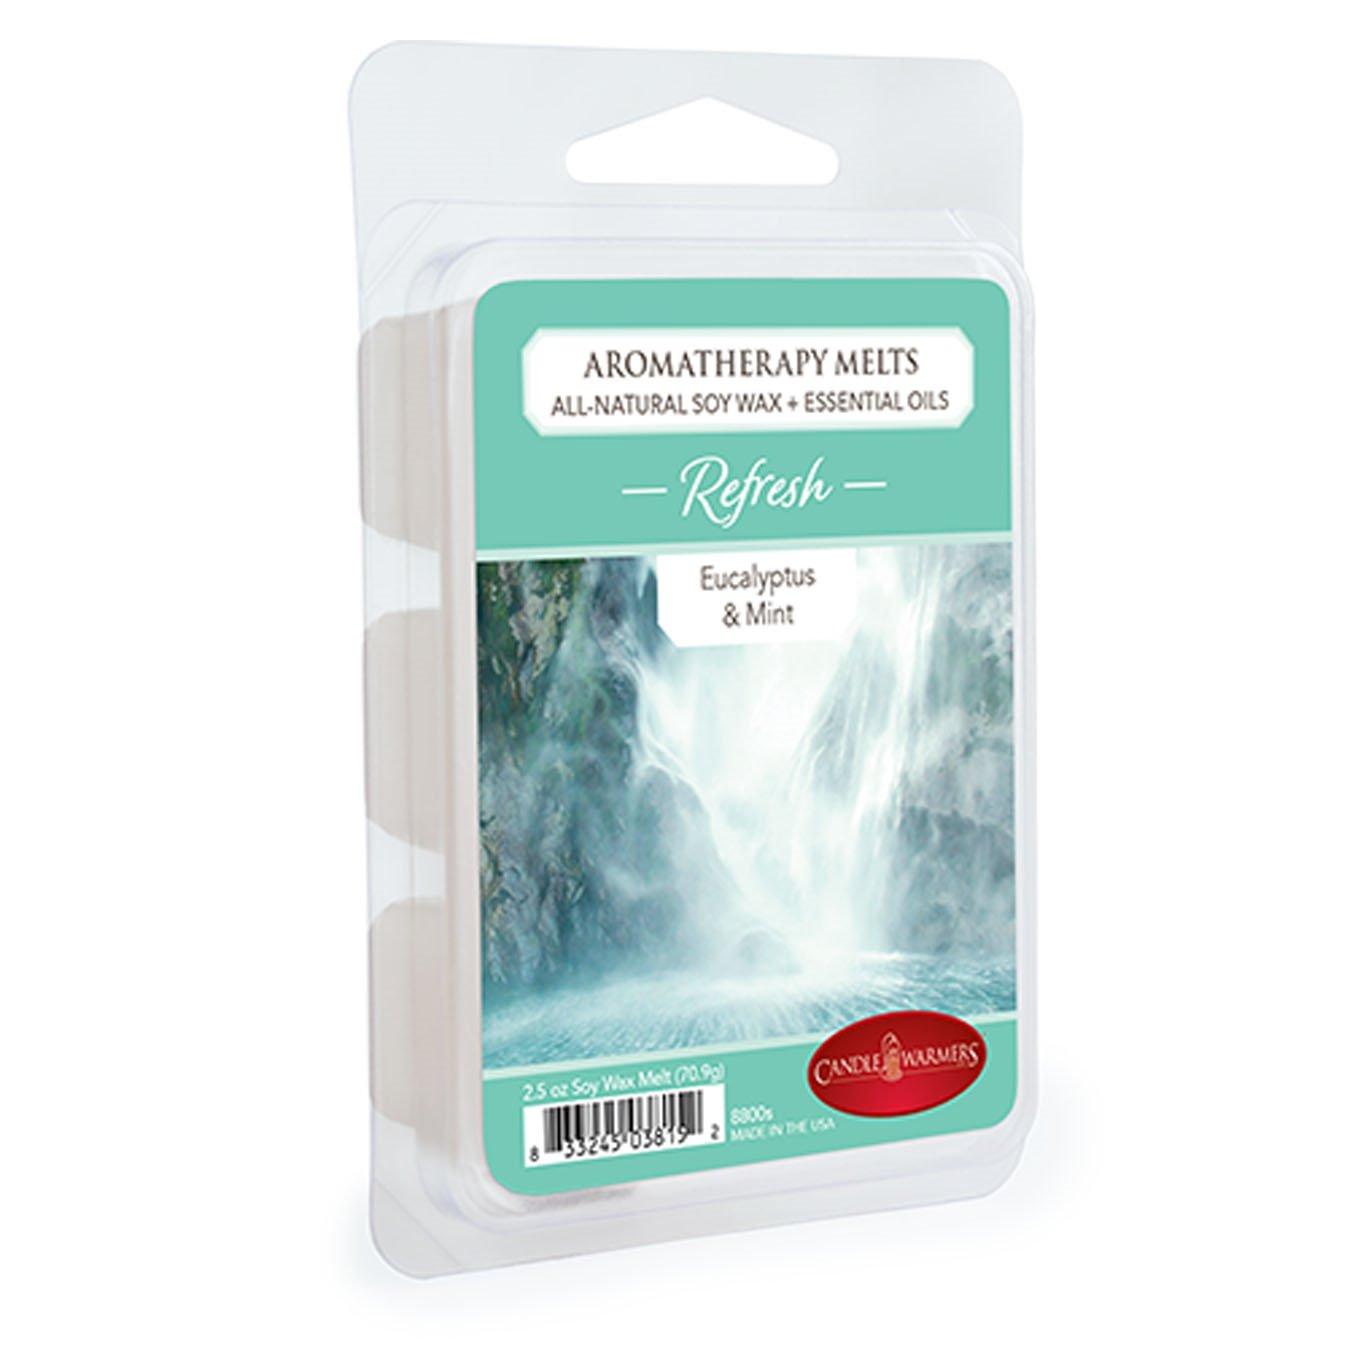 Refresh 2.5 Oz Aromatherapy Wax Melts